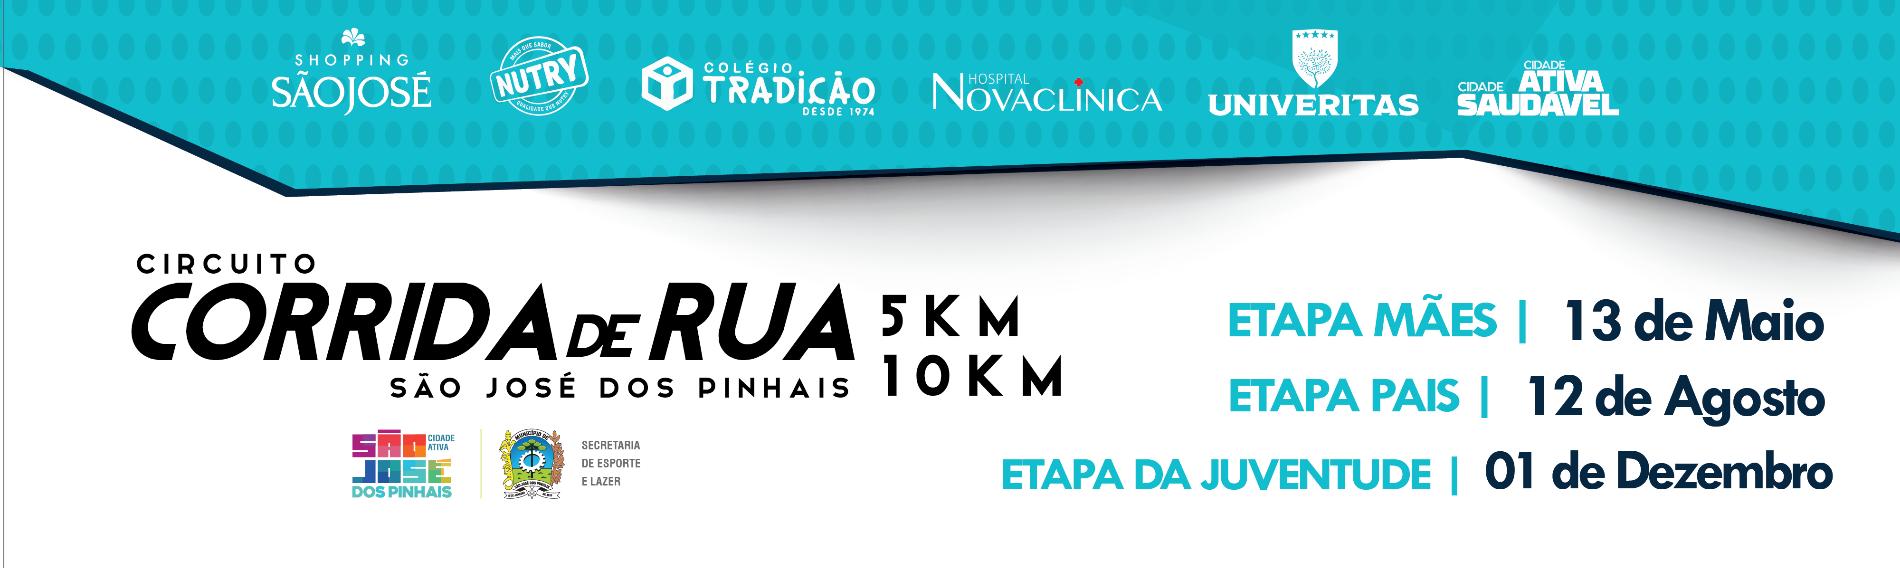 CIRCUITO DE CORRIDAS DE RUA DE SÃO JOSÉ DOS PINHAIS - ETAPA DAS MÃES - Imagem de topo